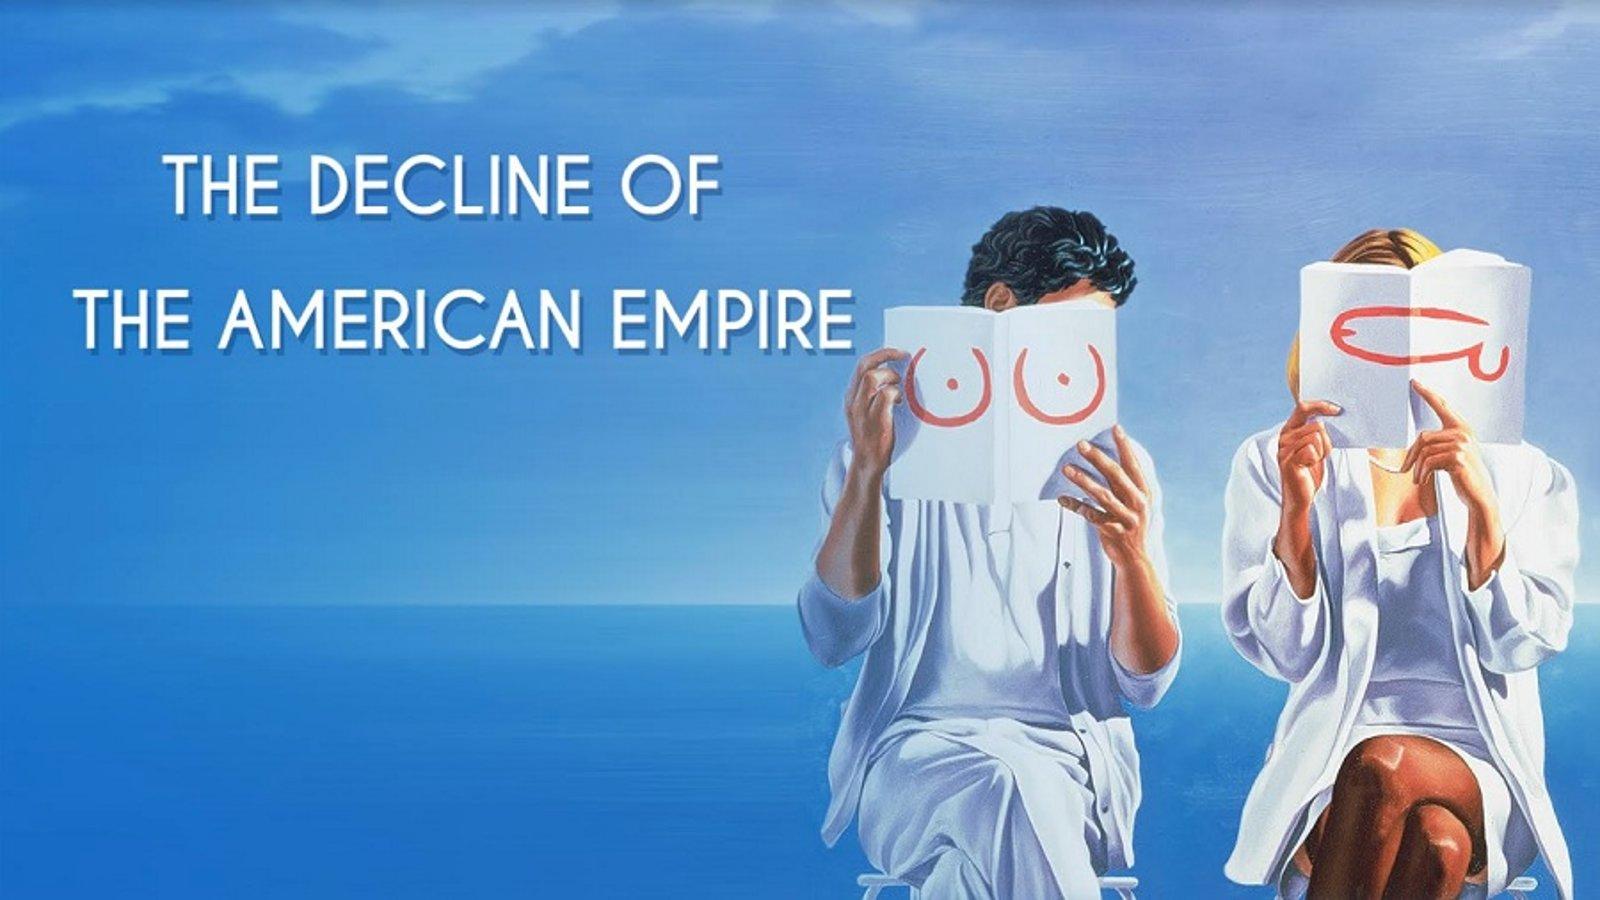 The Decline of the American Empire - Le déclin de l'empire américain